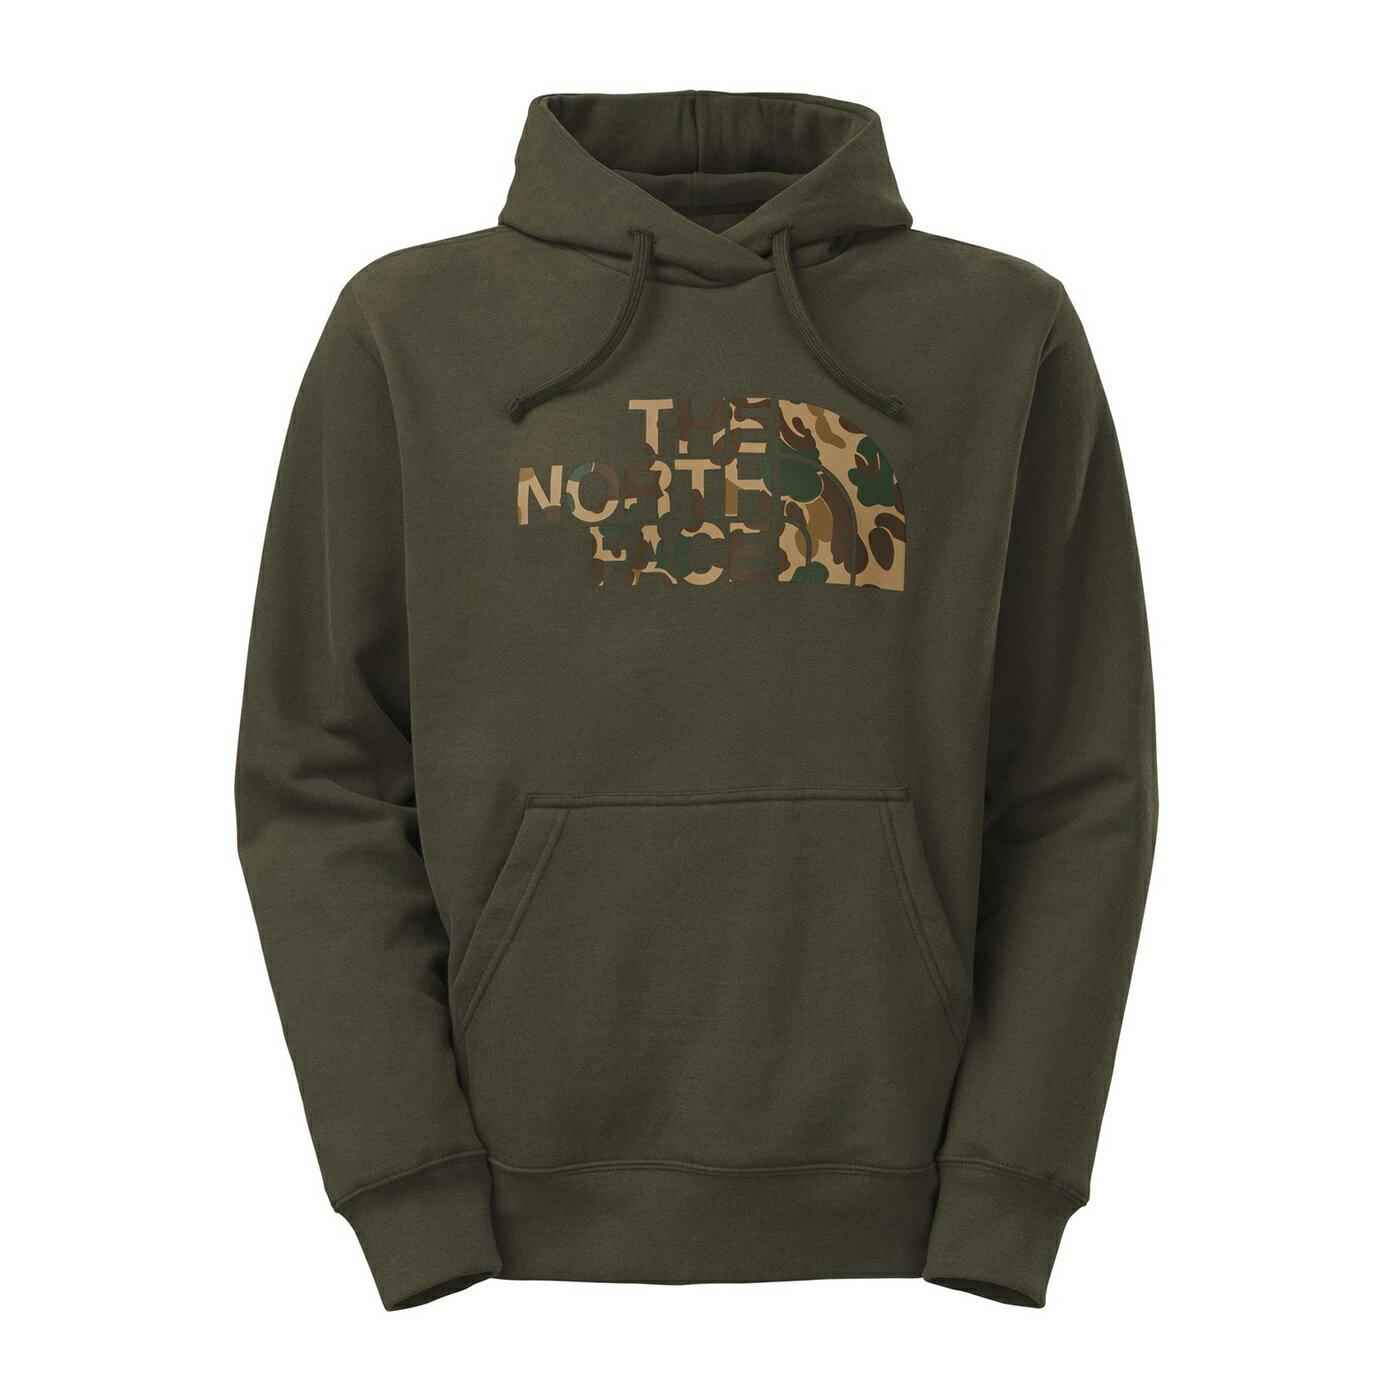 美國百分百【The North Face】帽T 連帽 TNF T恤 北臉 長袖 厚綿 迷彩 軍綠色 大尺碼 S L XL號 F841